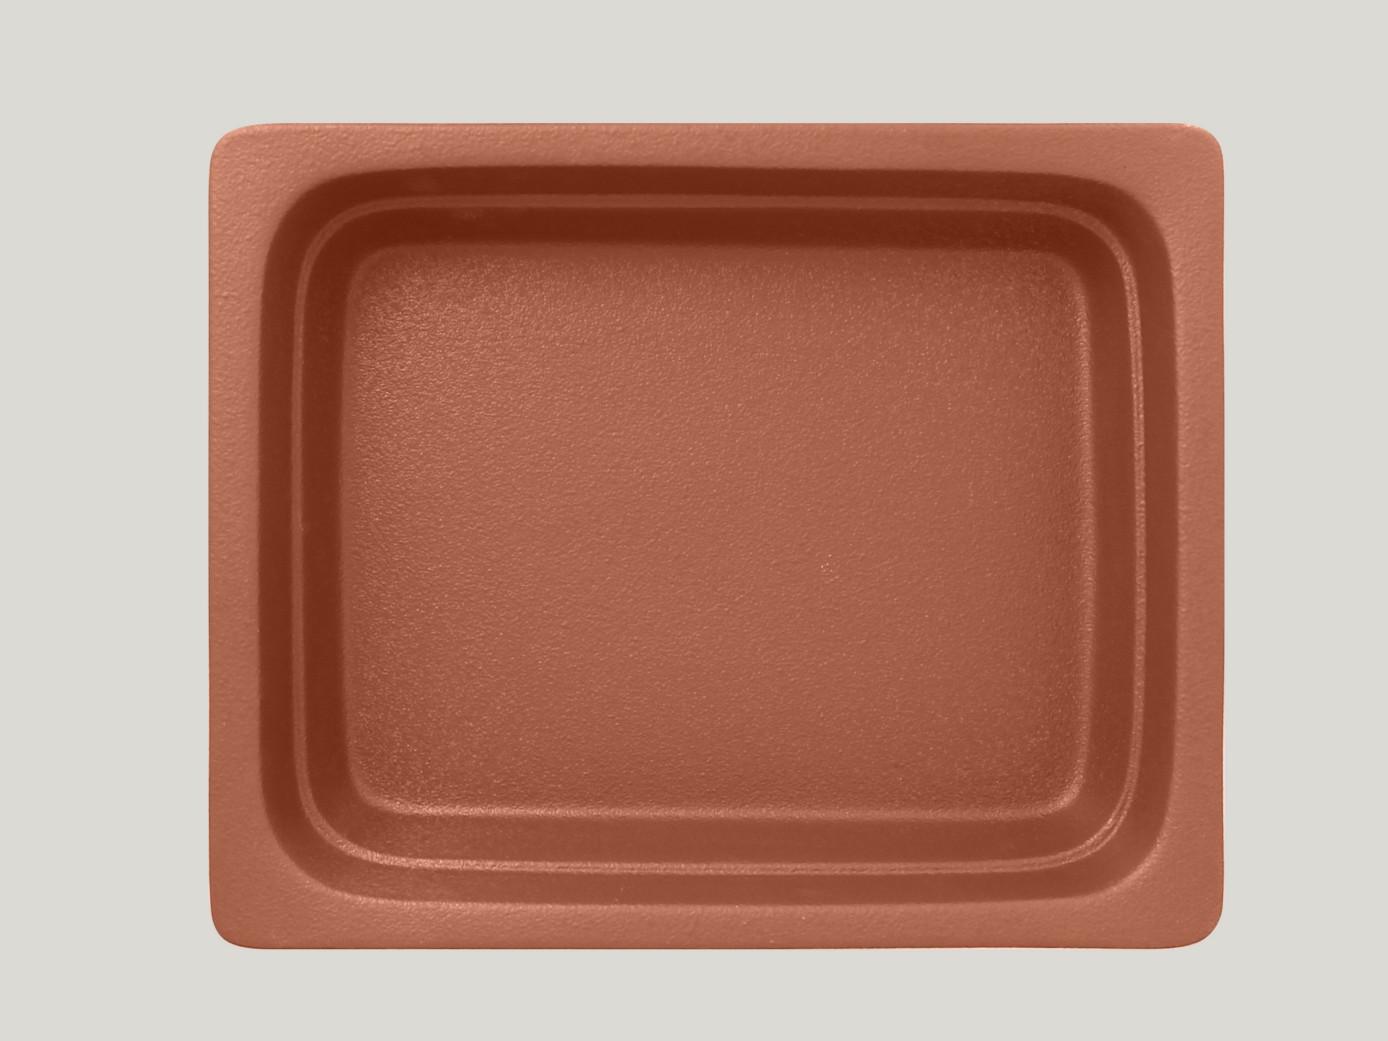 Gastronádoba GN 1/2 065 mm - hnědá